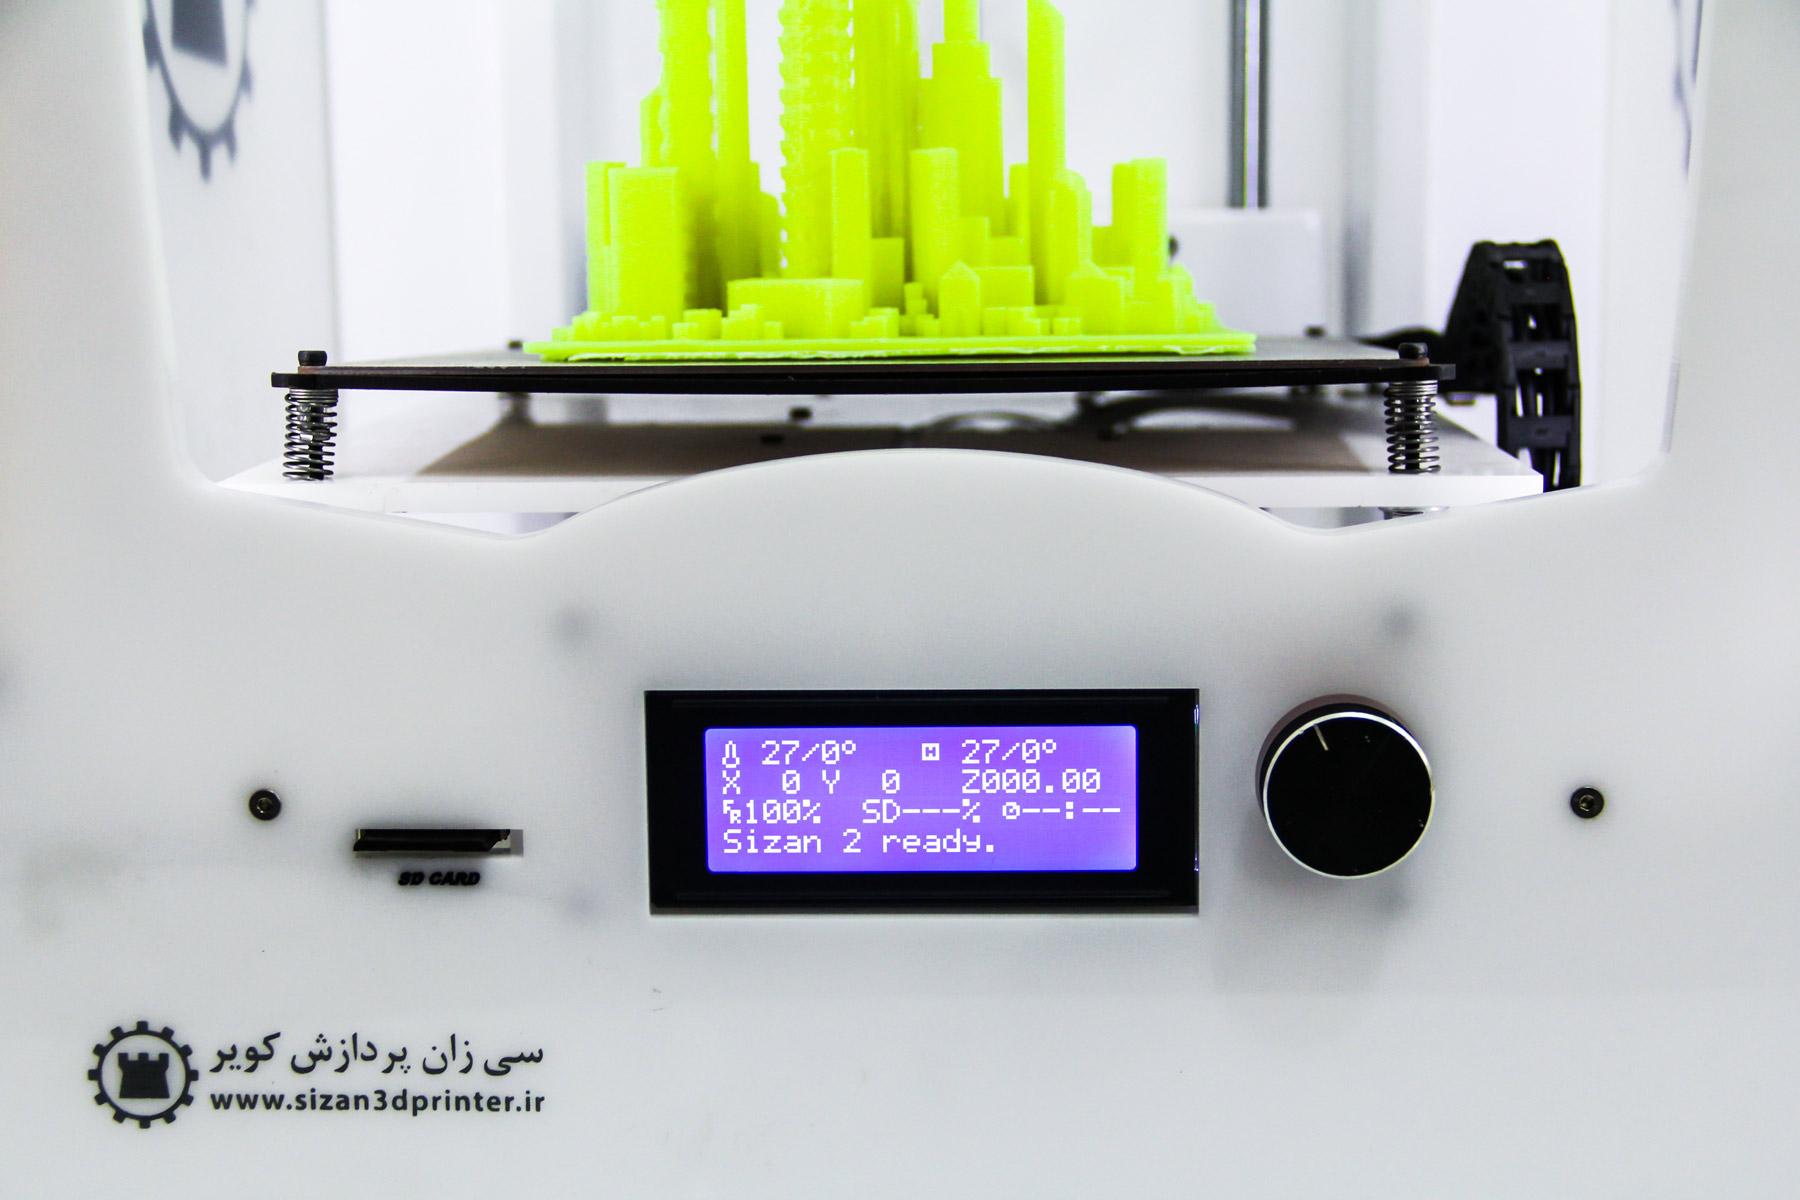 چرا پرینترهای سه بعدی سی زان